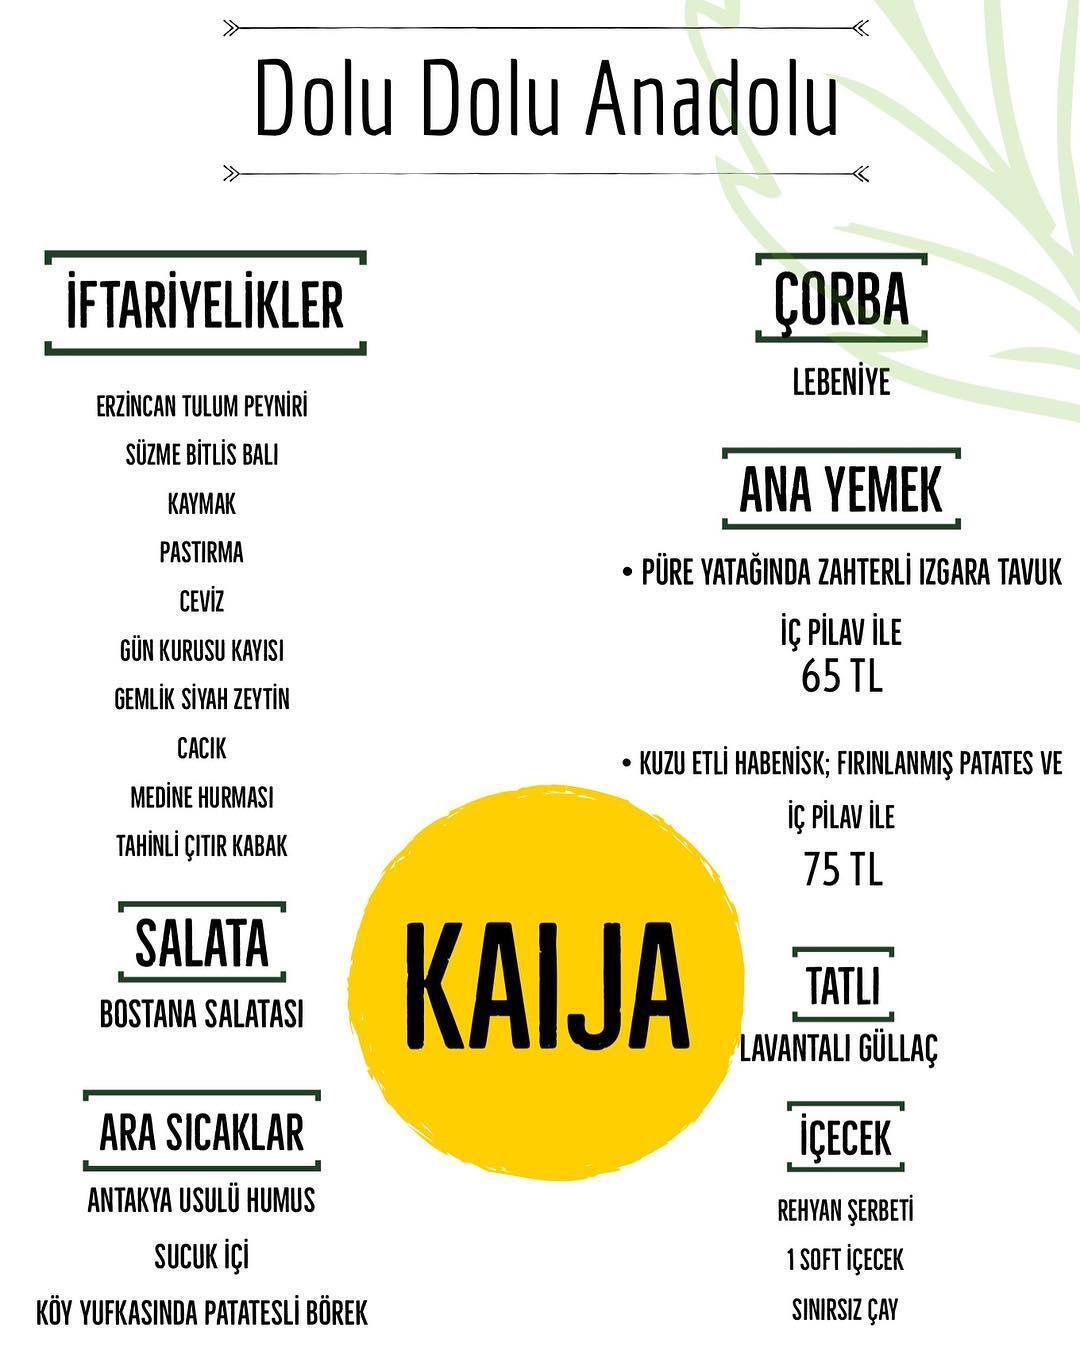 kaija-mivavm-iftar-kayseri